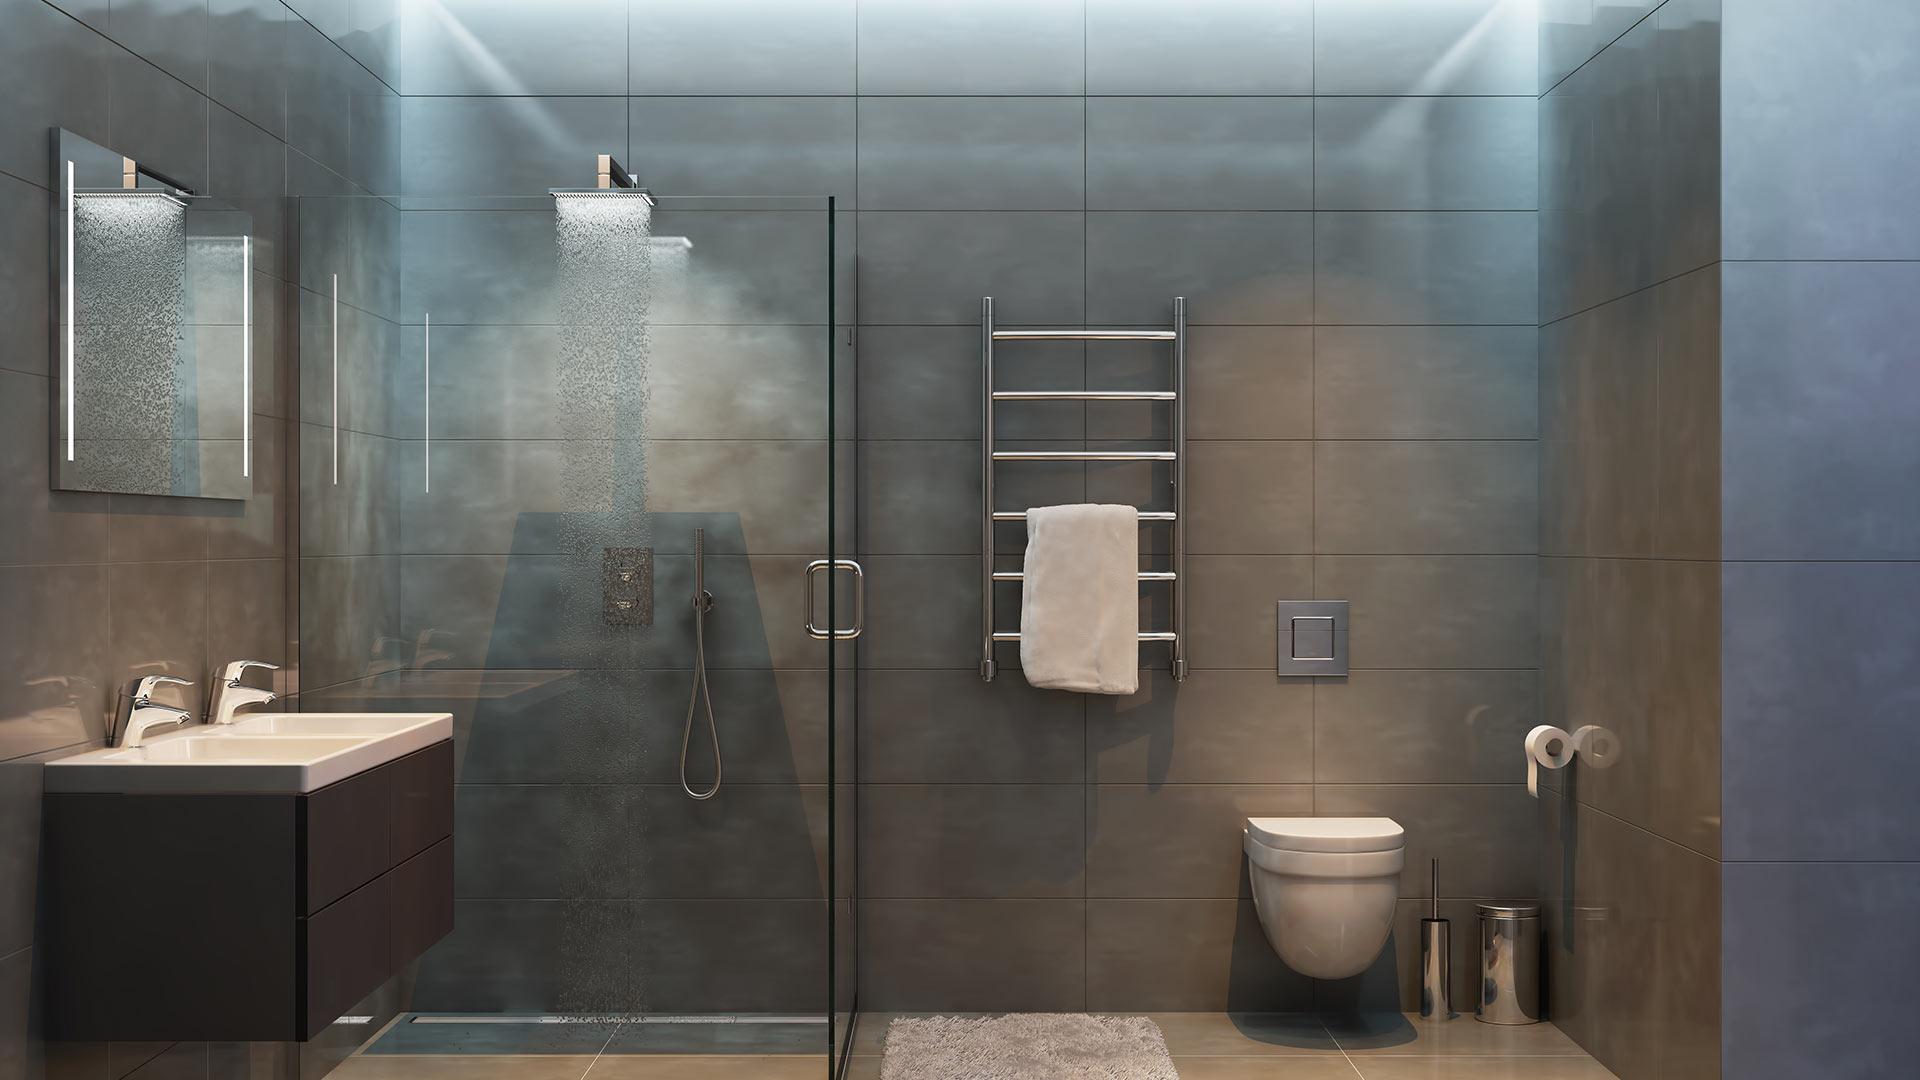 Kylpyhuonesaneerauksia pääkaupunkiseudulla